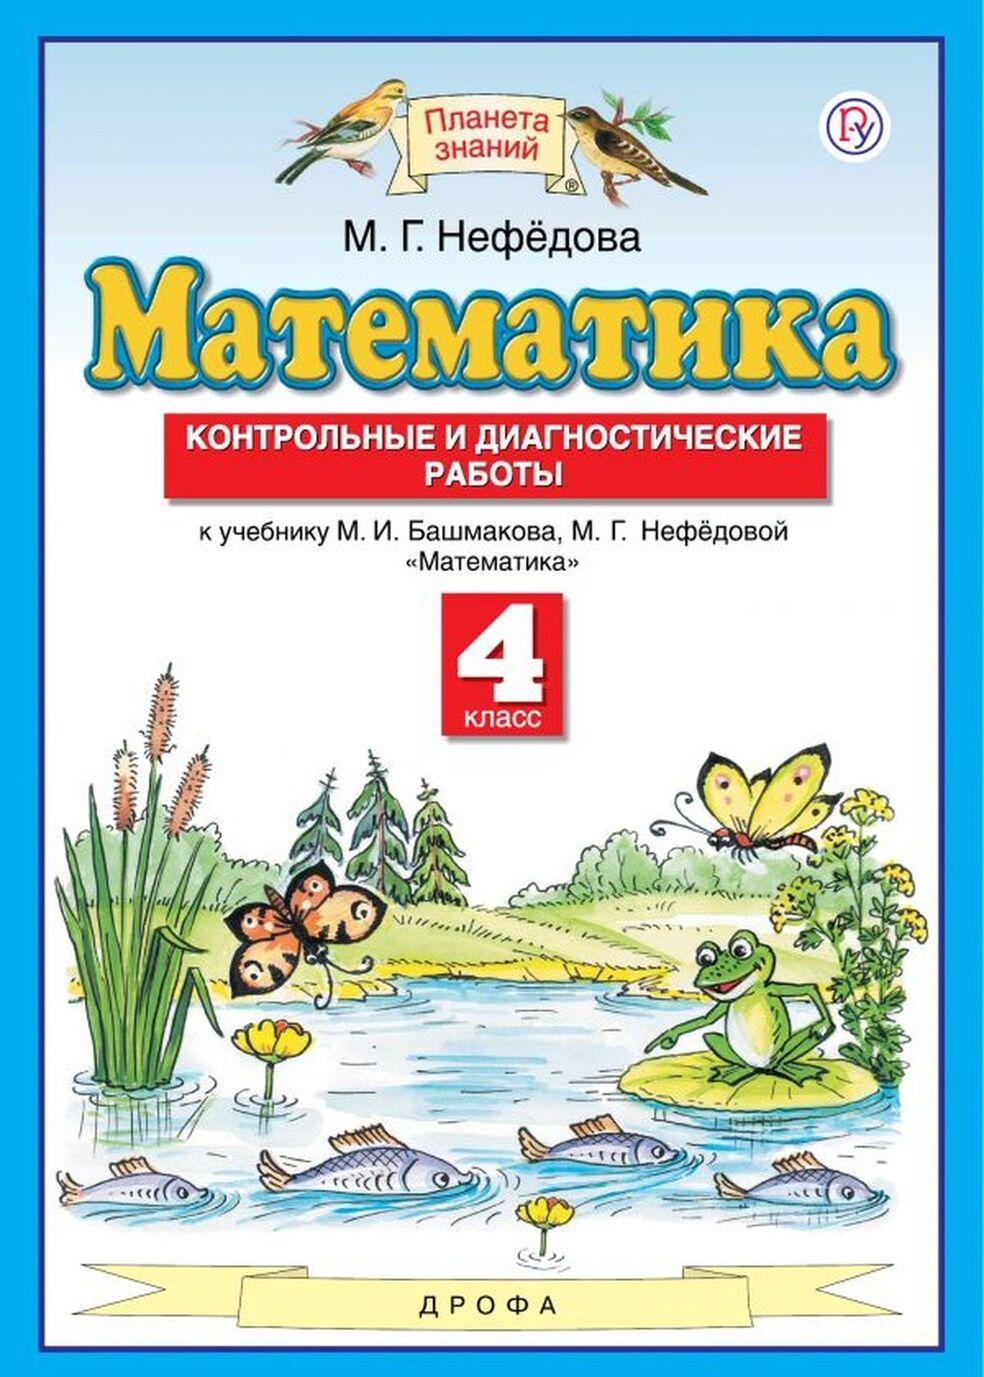 Matematika. 4 klass. Kontrolnye i diagnosticheskie raboty. K uchebniku M. I. Bashmakova, M. G. Nefedovoj | Nefedova Margarita Gennadevna